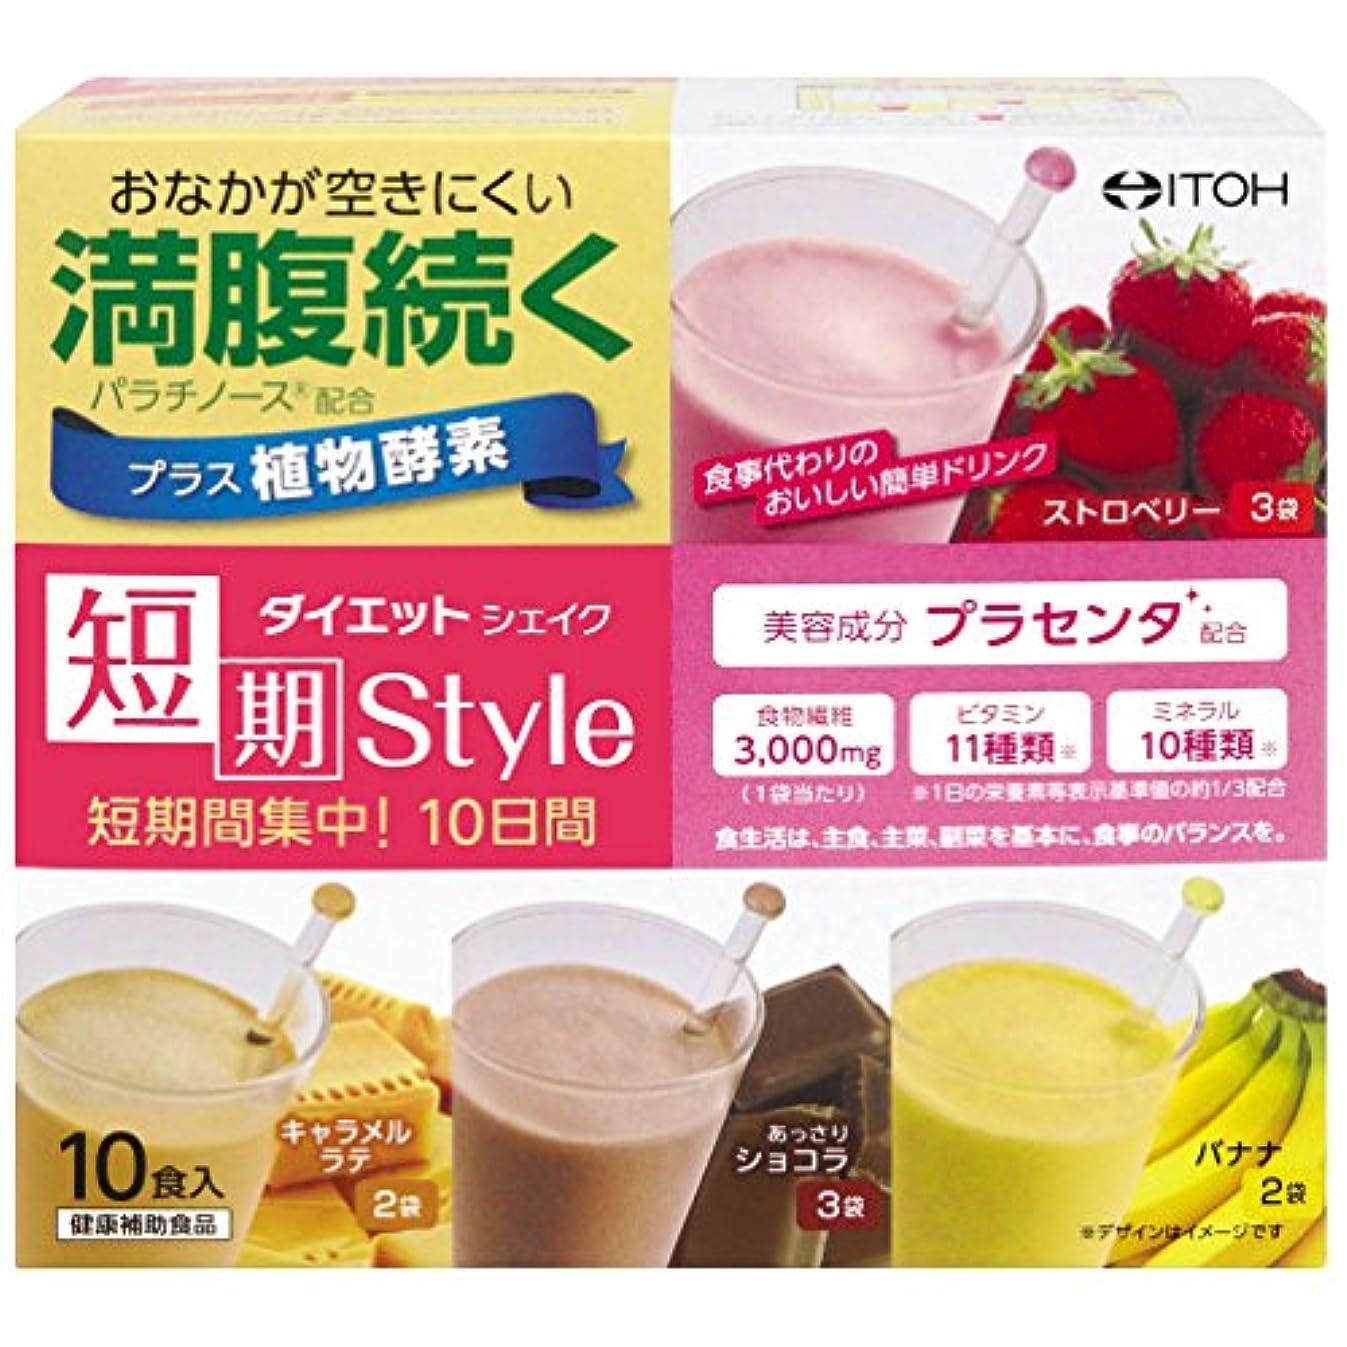 スカーフ外観ラオス人井藤漢方製薬 短期スタイル ダイエットシェイク 10食分 25gX10袋